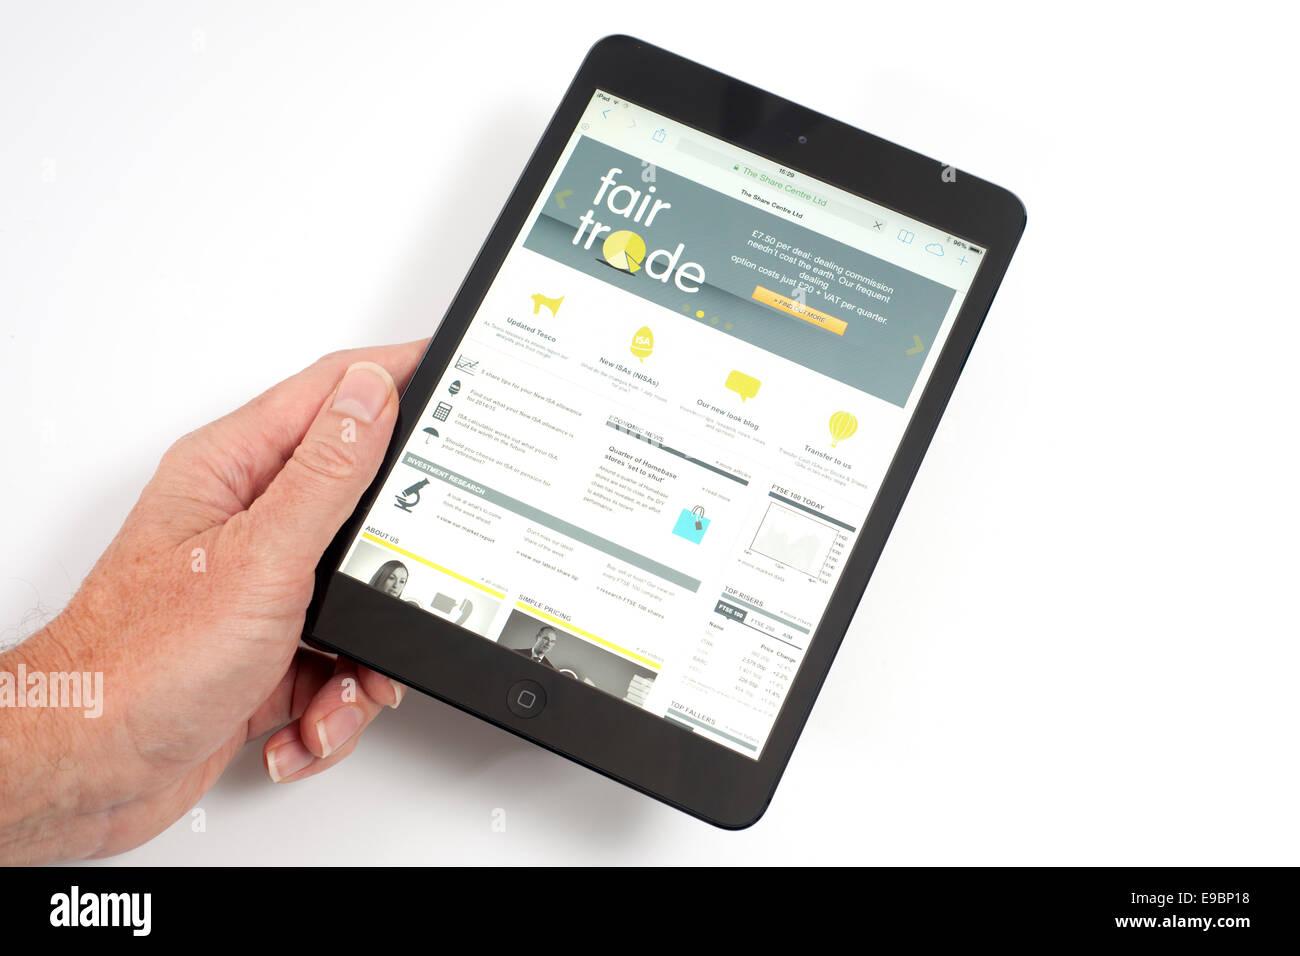 IPad mini con comercio justo compartir tratar app en la pantalla Imagen De Stock